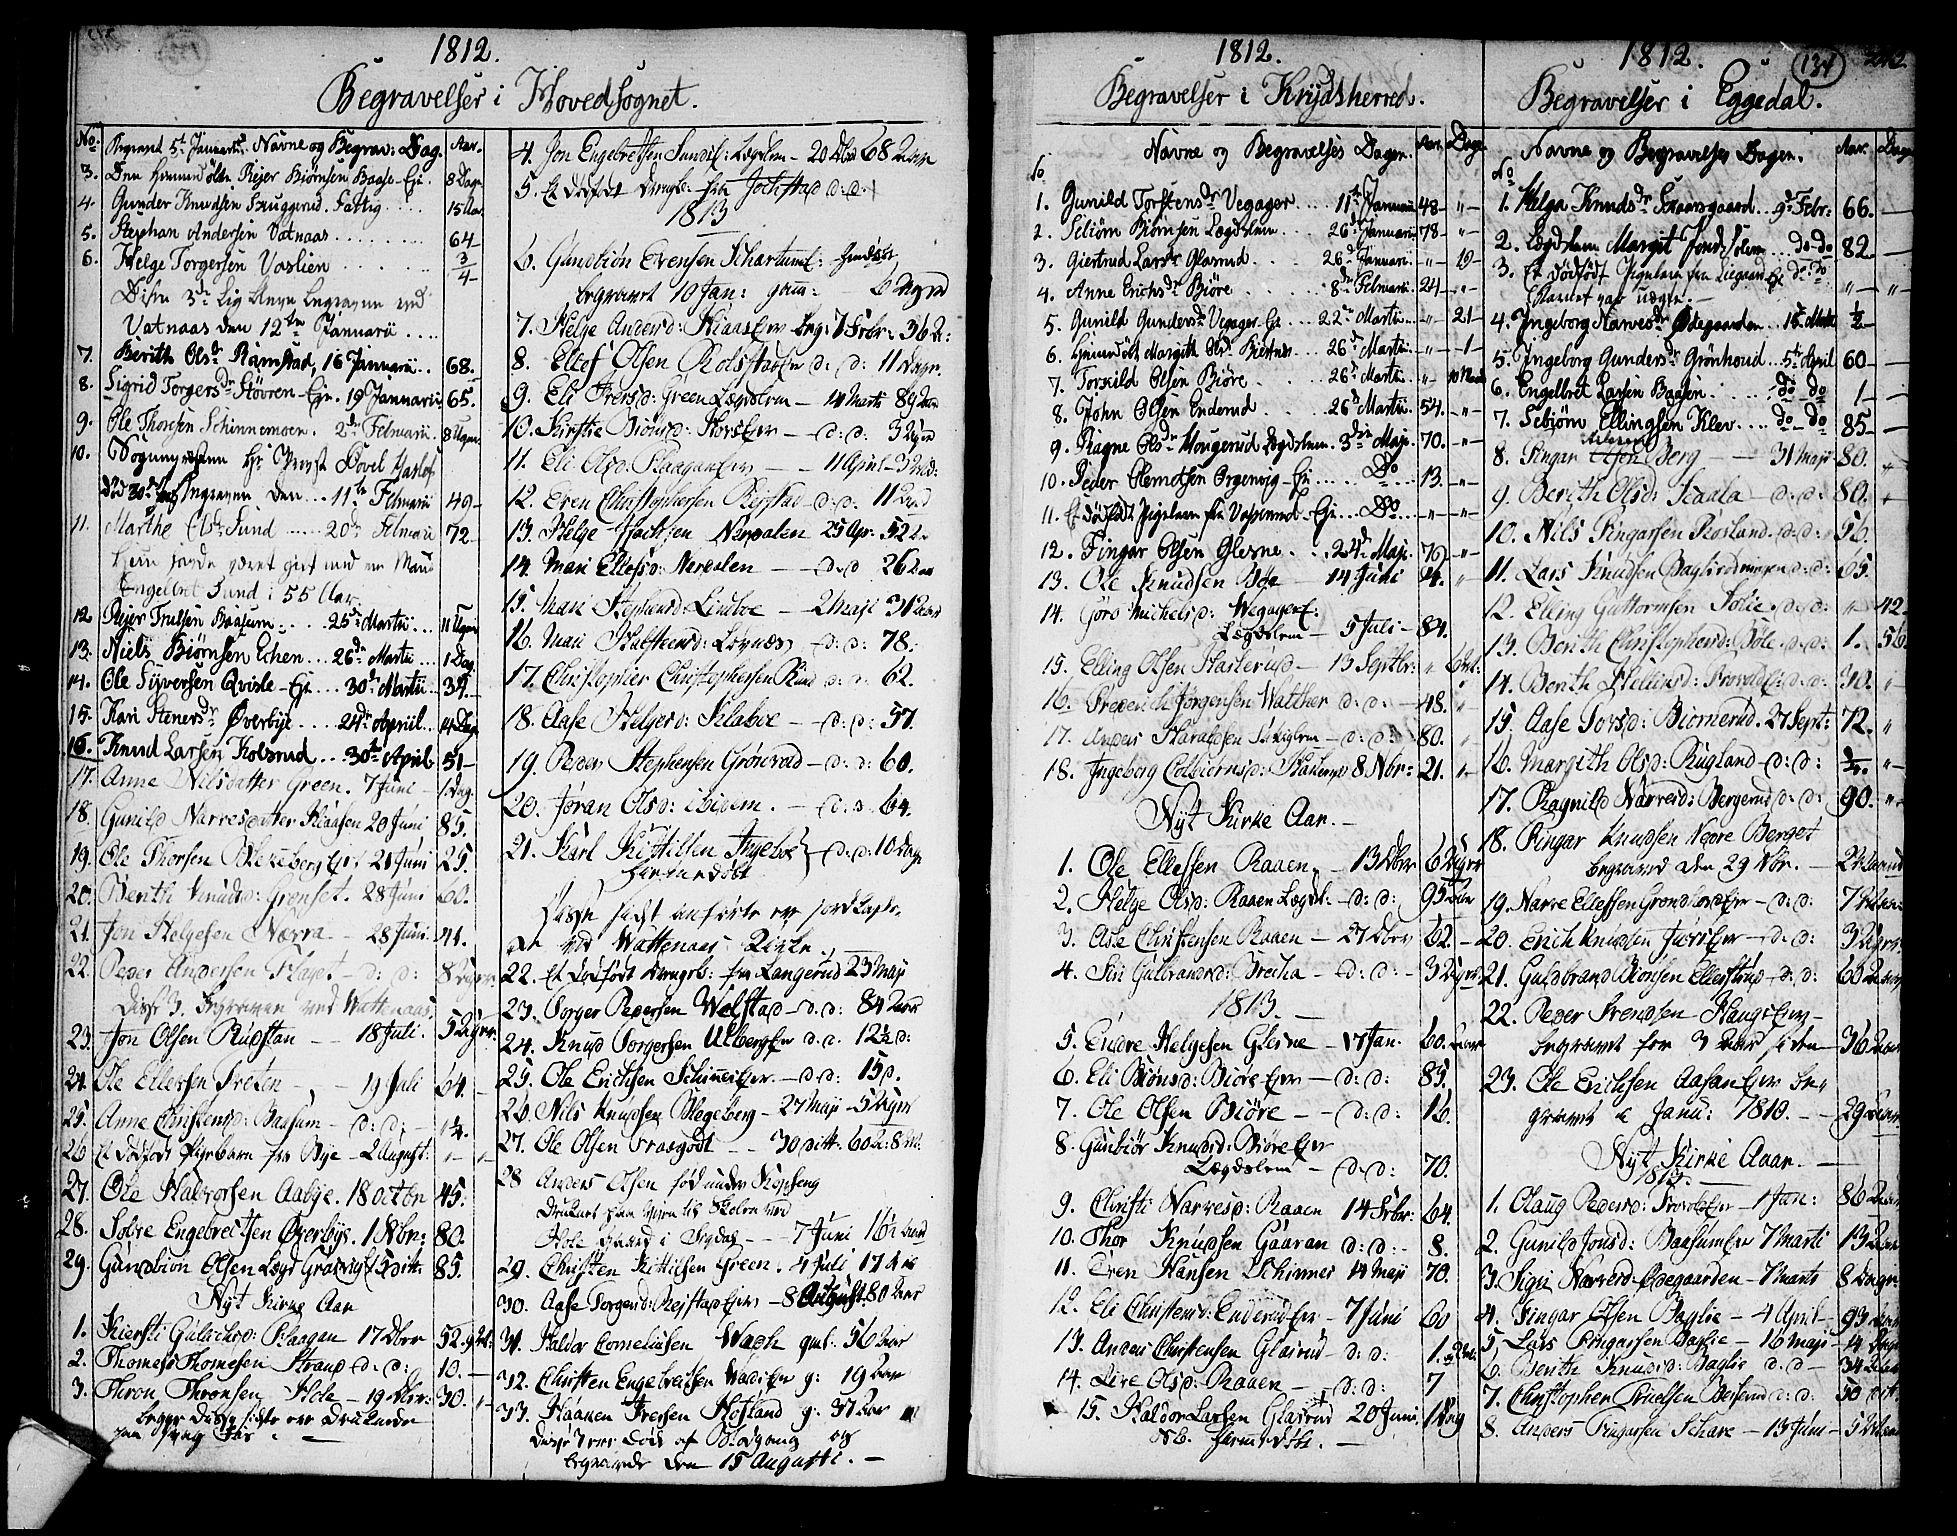 SAKO, Sigdal kirkebøker, F/Fa/L0004: Ministerialbok nr. I 4, 1812-1815, s. 134